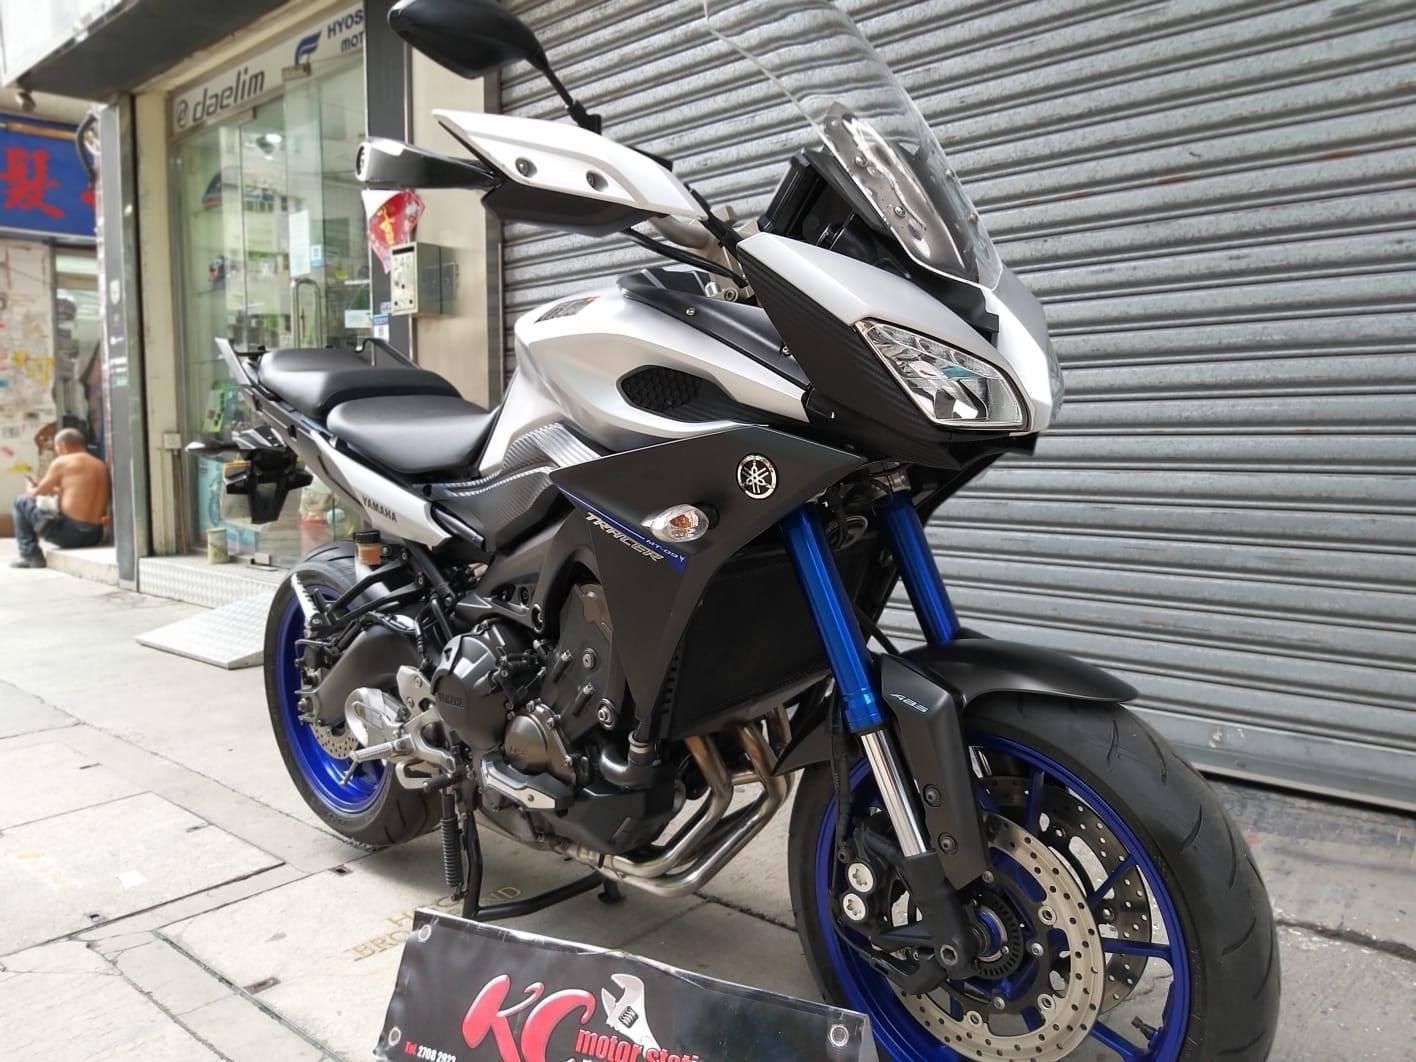 YAMAHA MT-09 TRACER 二手車 2015年 - 「Webike摩托車市」